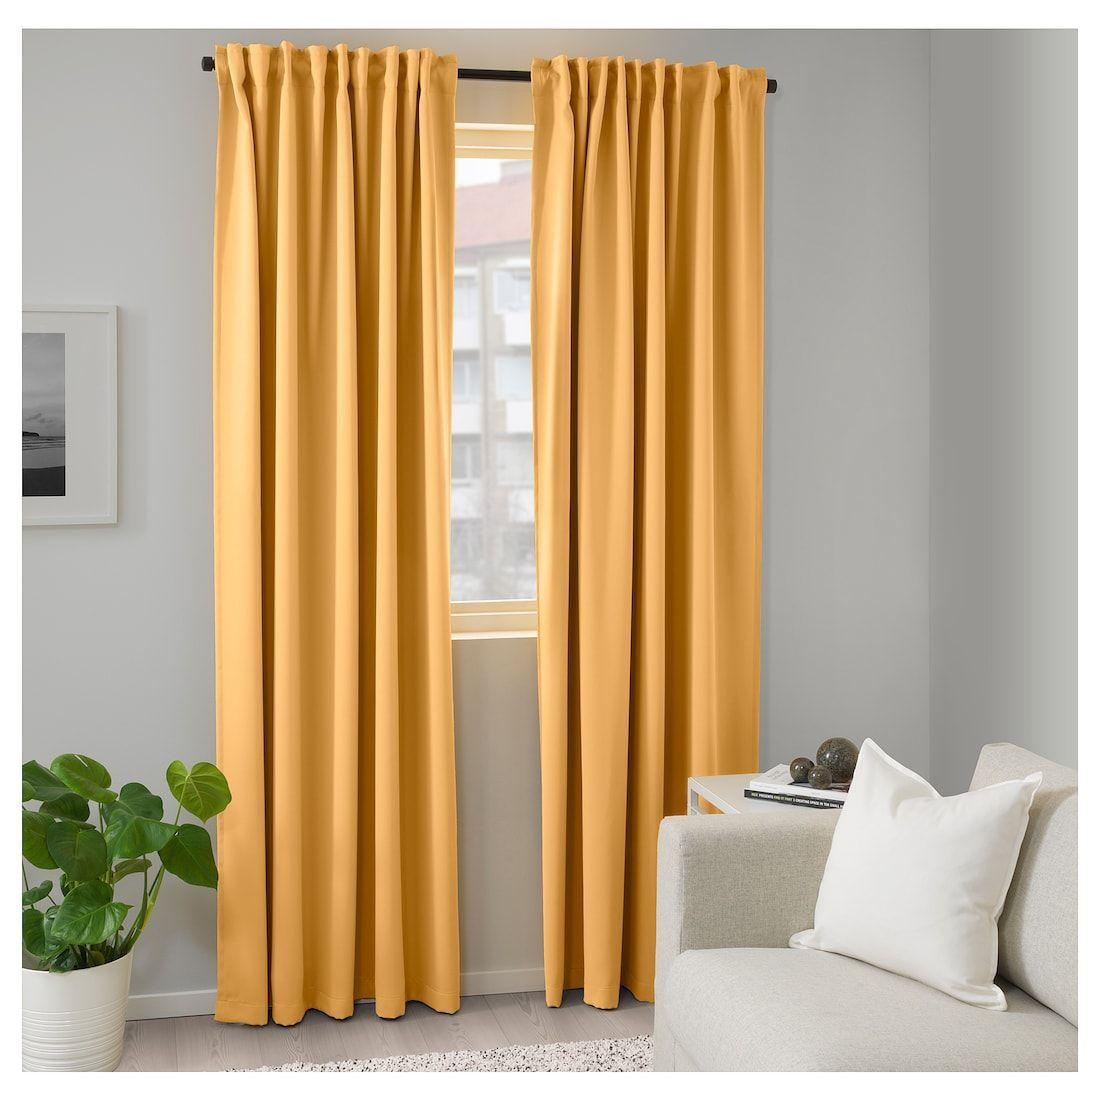 Majgull Yellow Room Darkening Curtains 1 Pair 145x250 Cm Ikea In 2020 Yellow Curtains Living Room Curtains Room Darkening Curtains